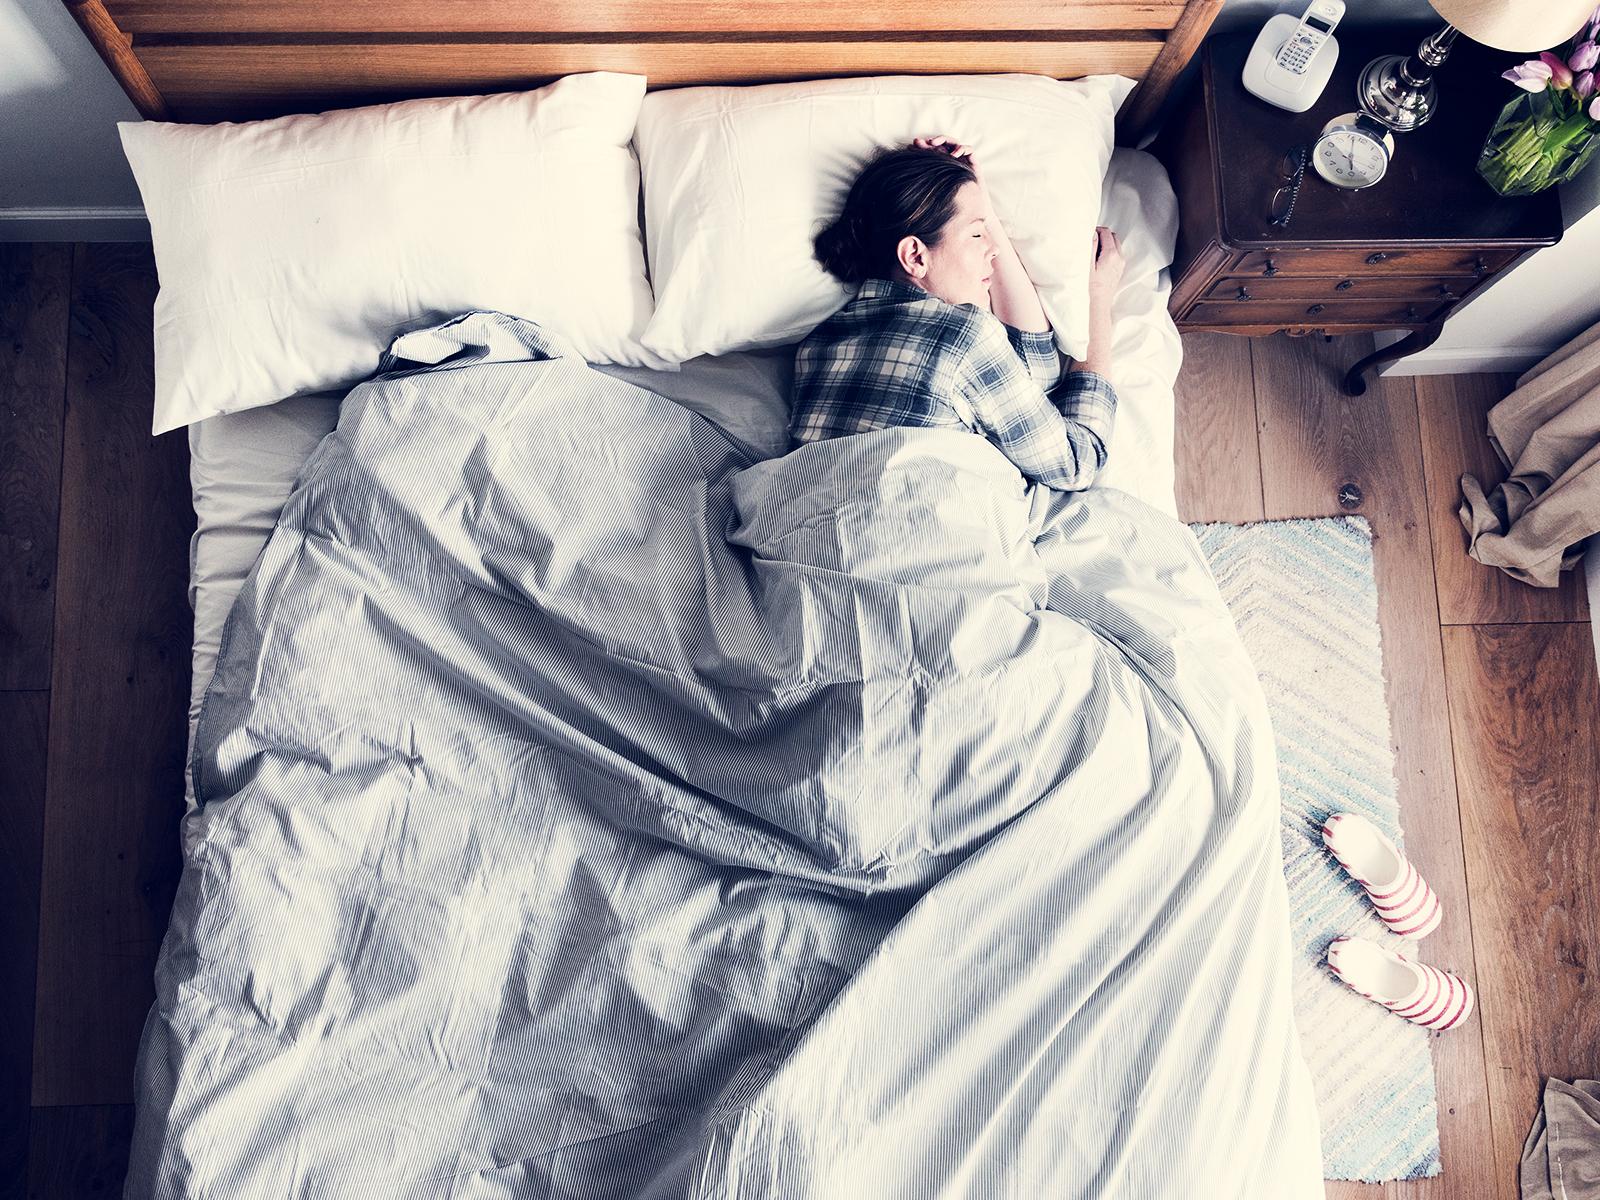 dobry sen wpływa na zdrowie i prawidłowe funkcjonowanie organizmu